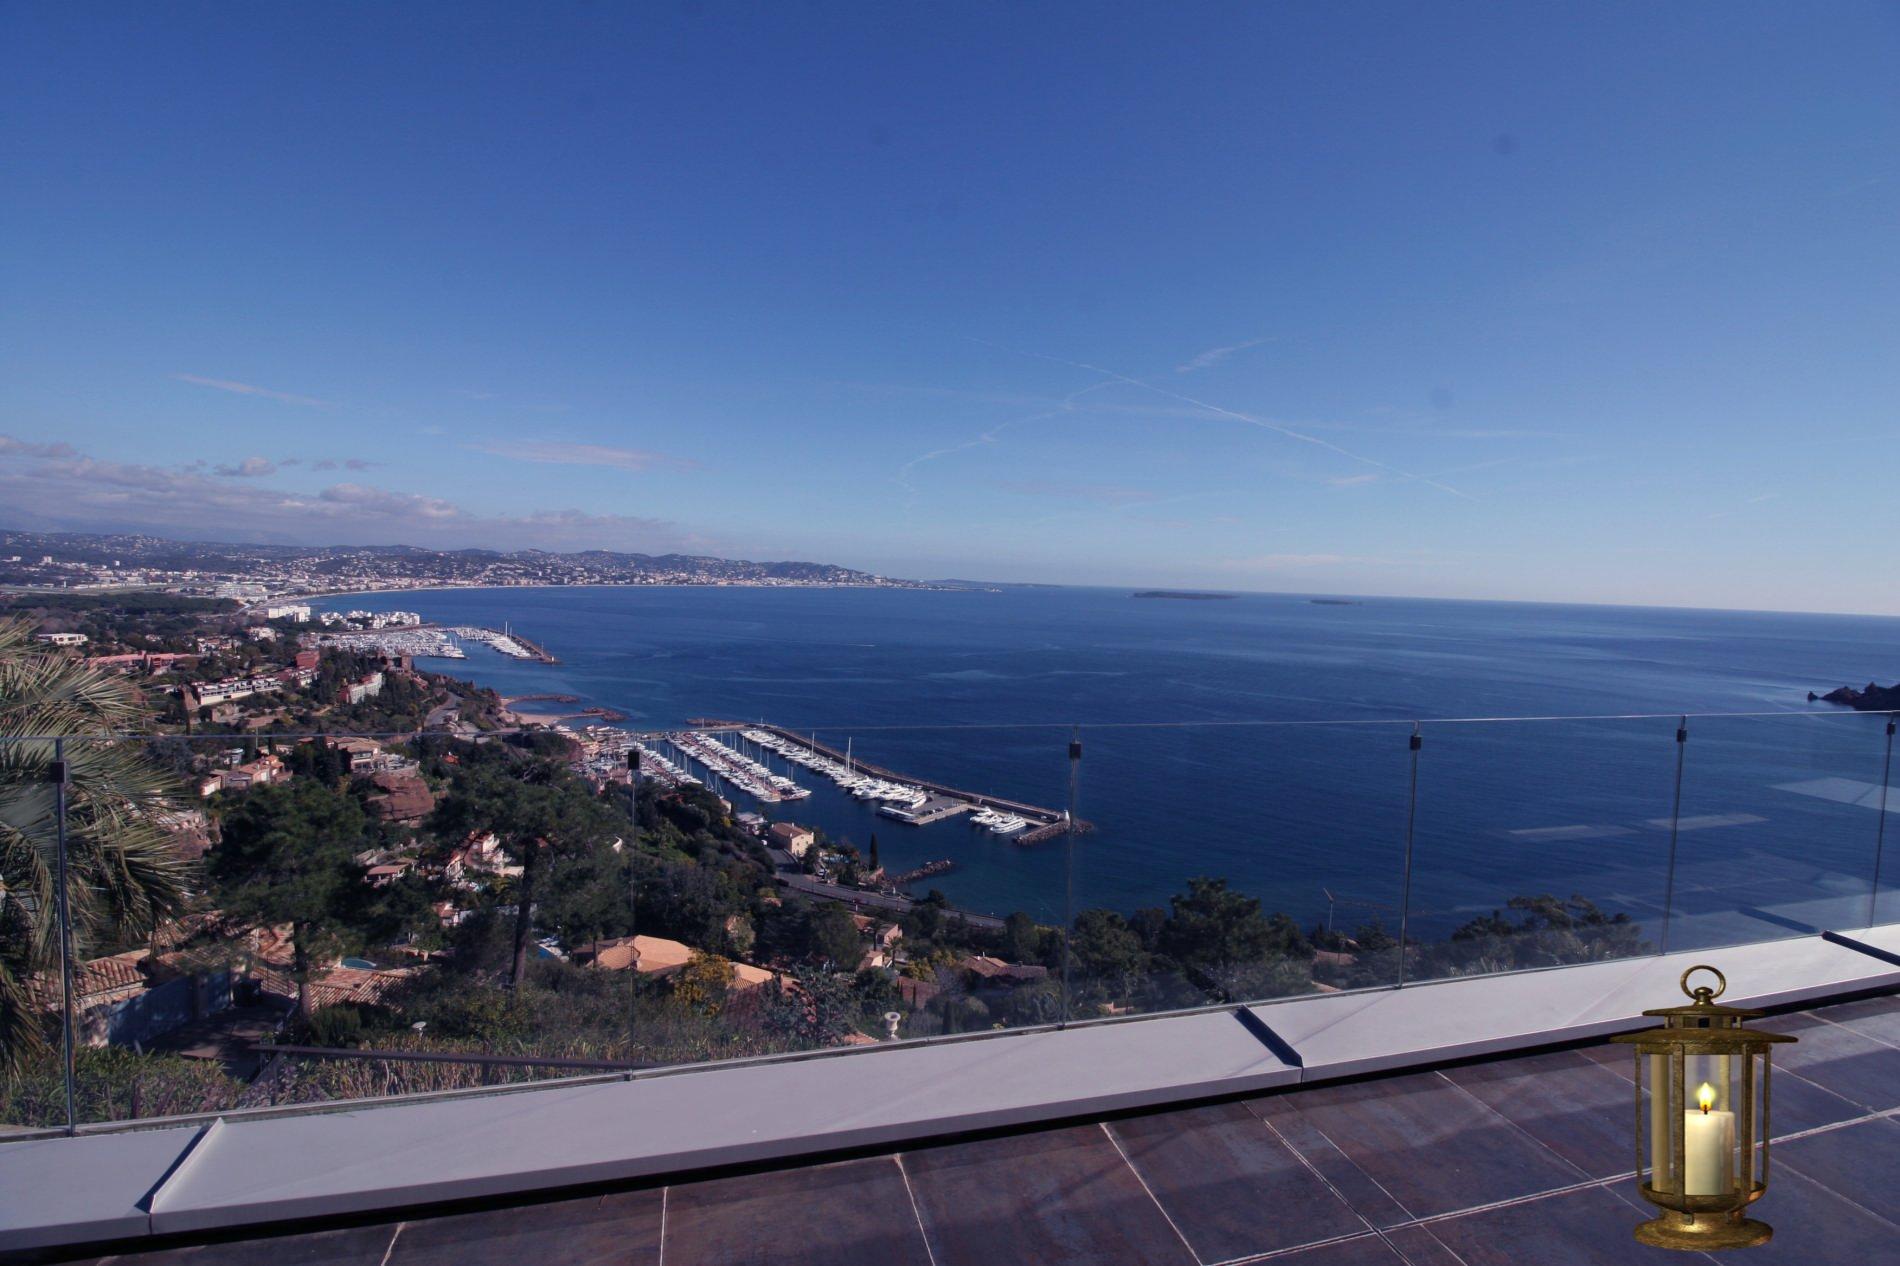 Propriété de prestige vue mer panoramique à Théoule-sur-Mer.